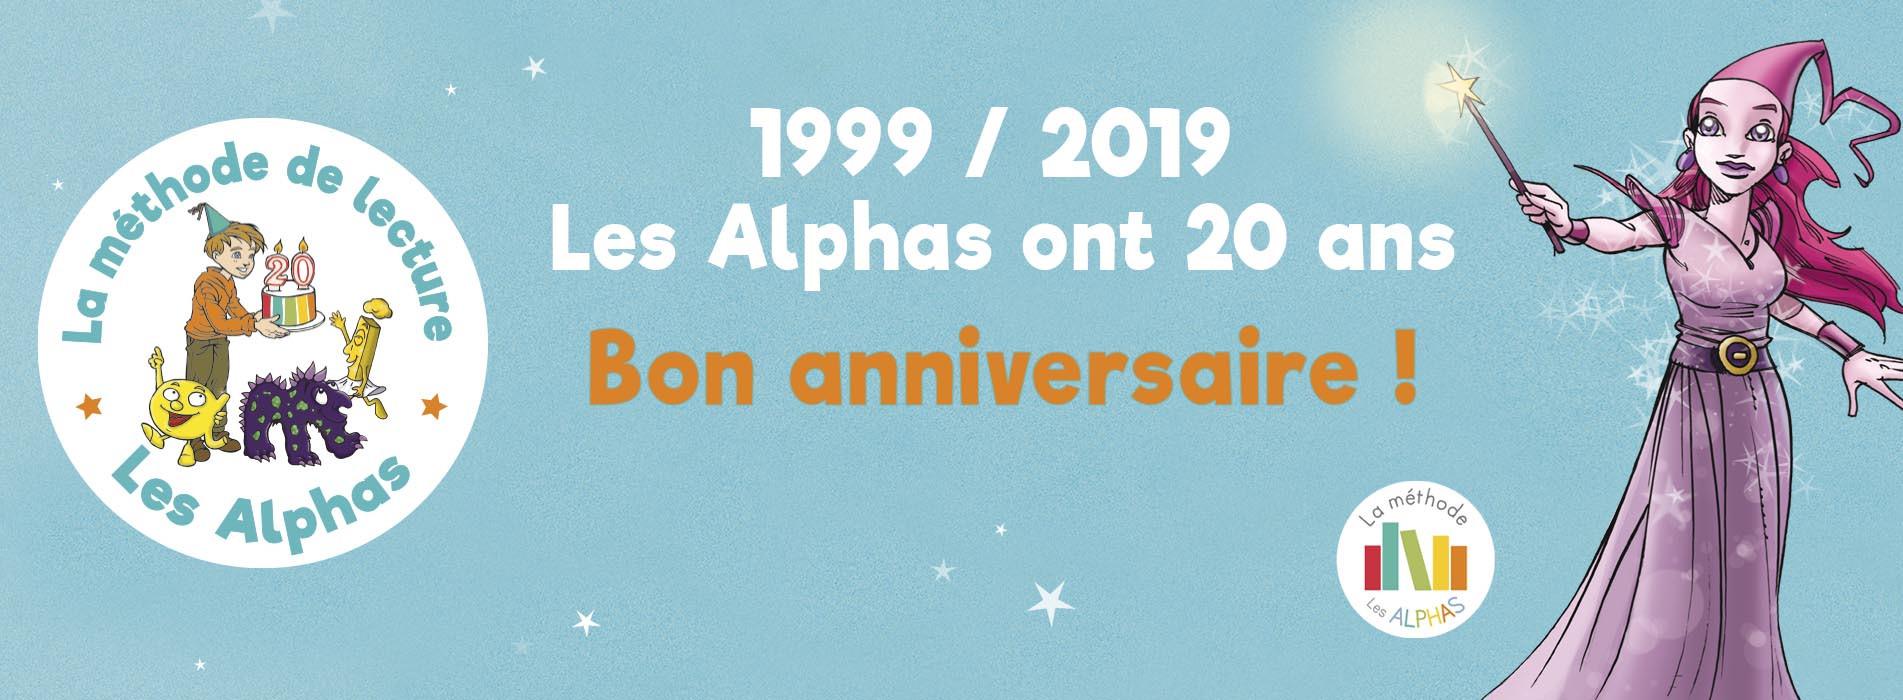 Les Alphas ont 20 ans